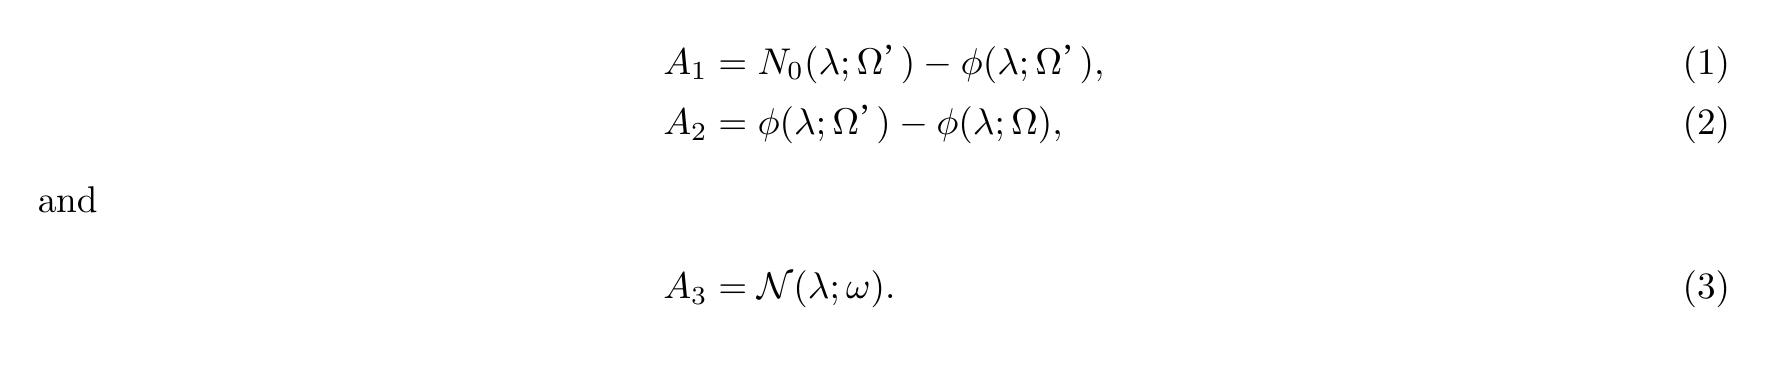 math-intertext.png